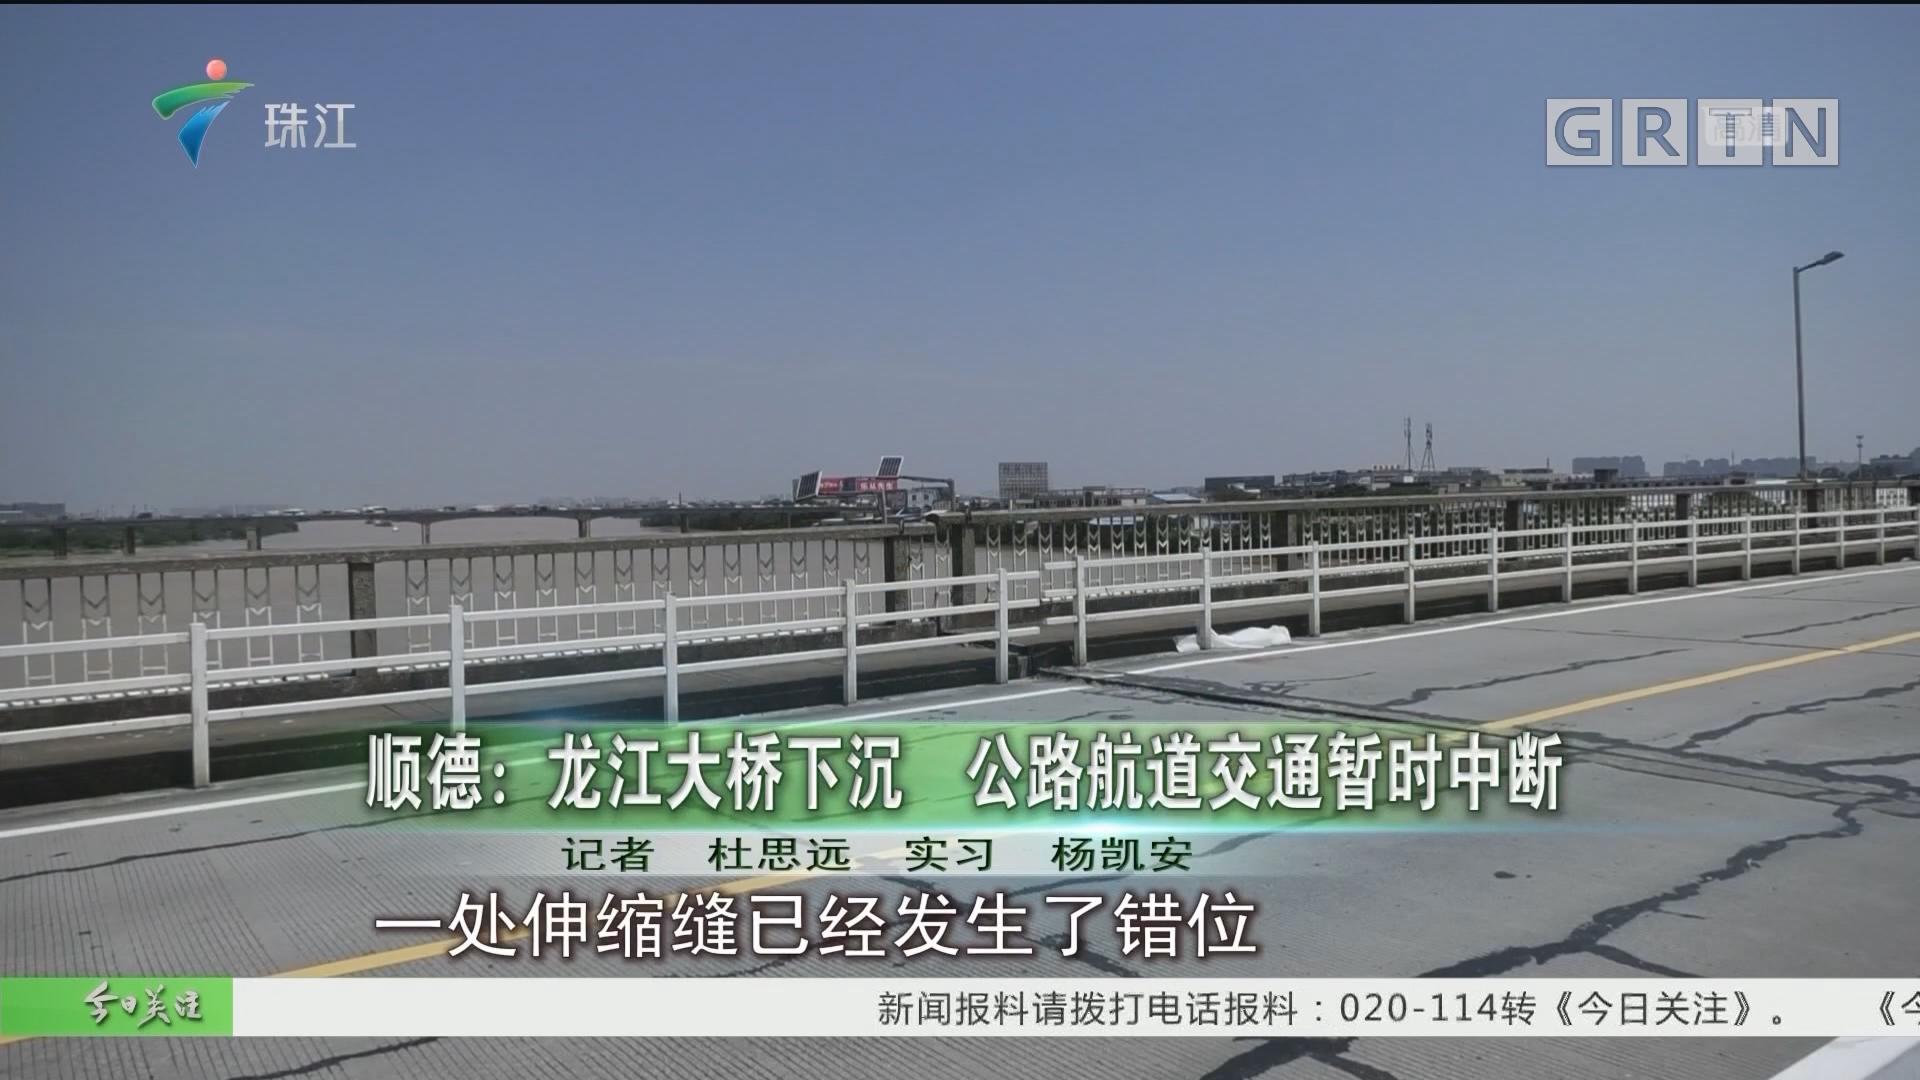 順德:龍江大橋下沉 公路航道交通暫時中斷